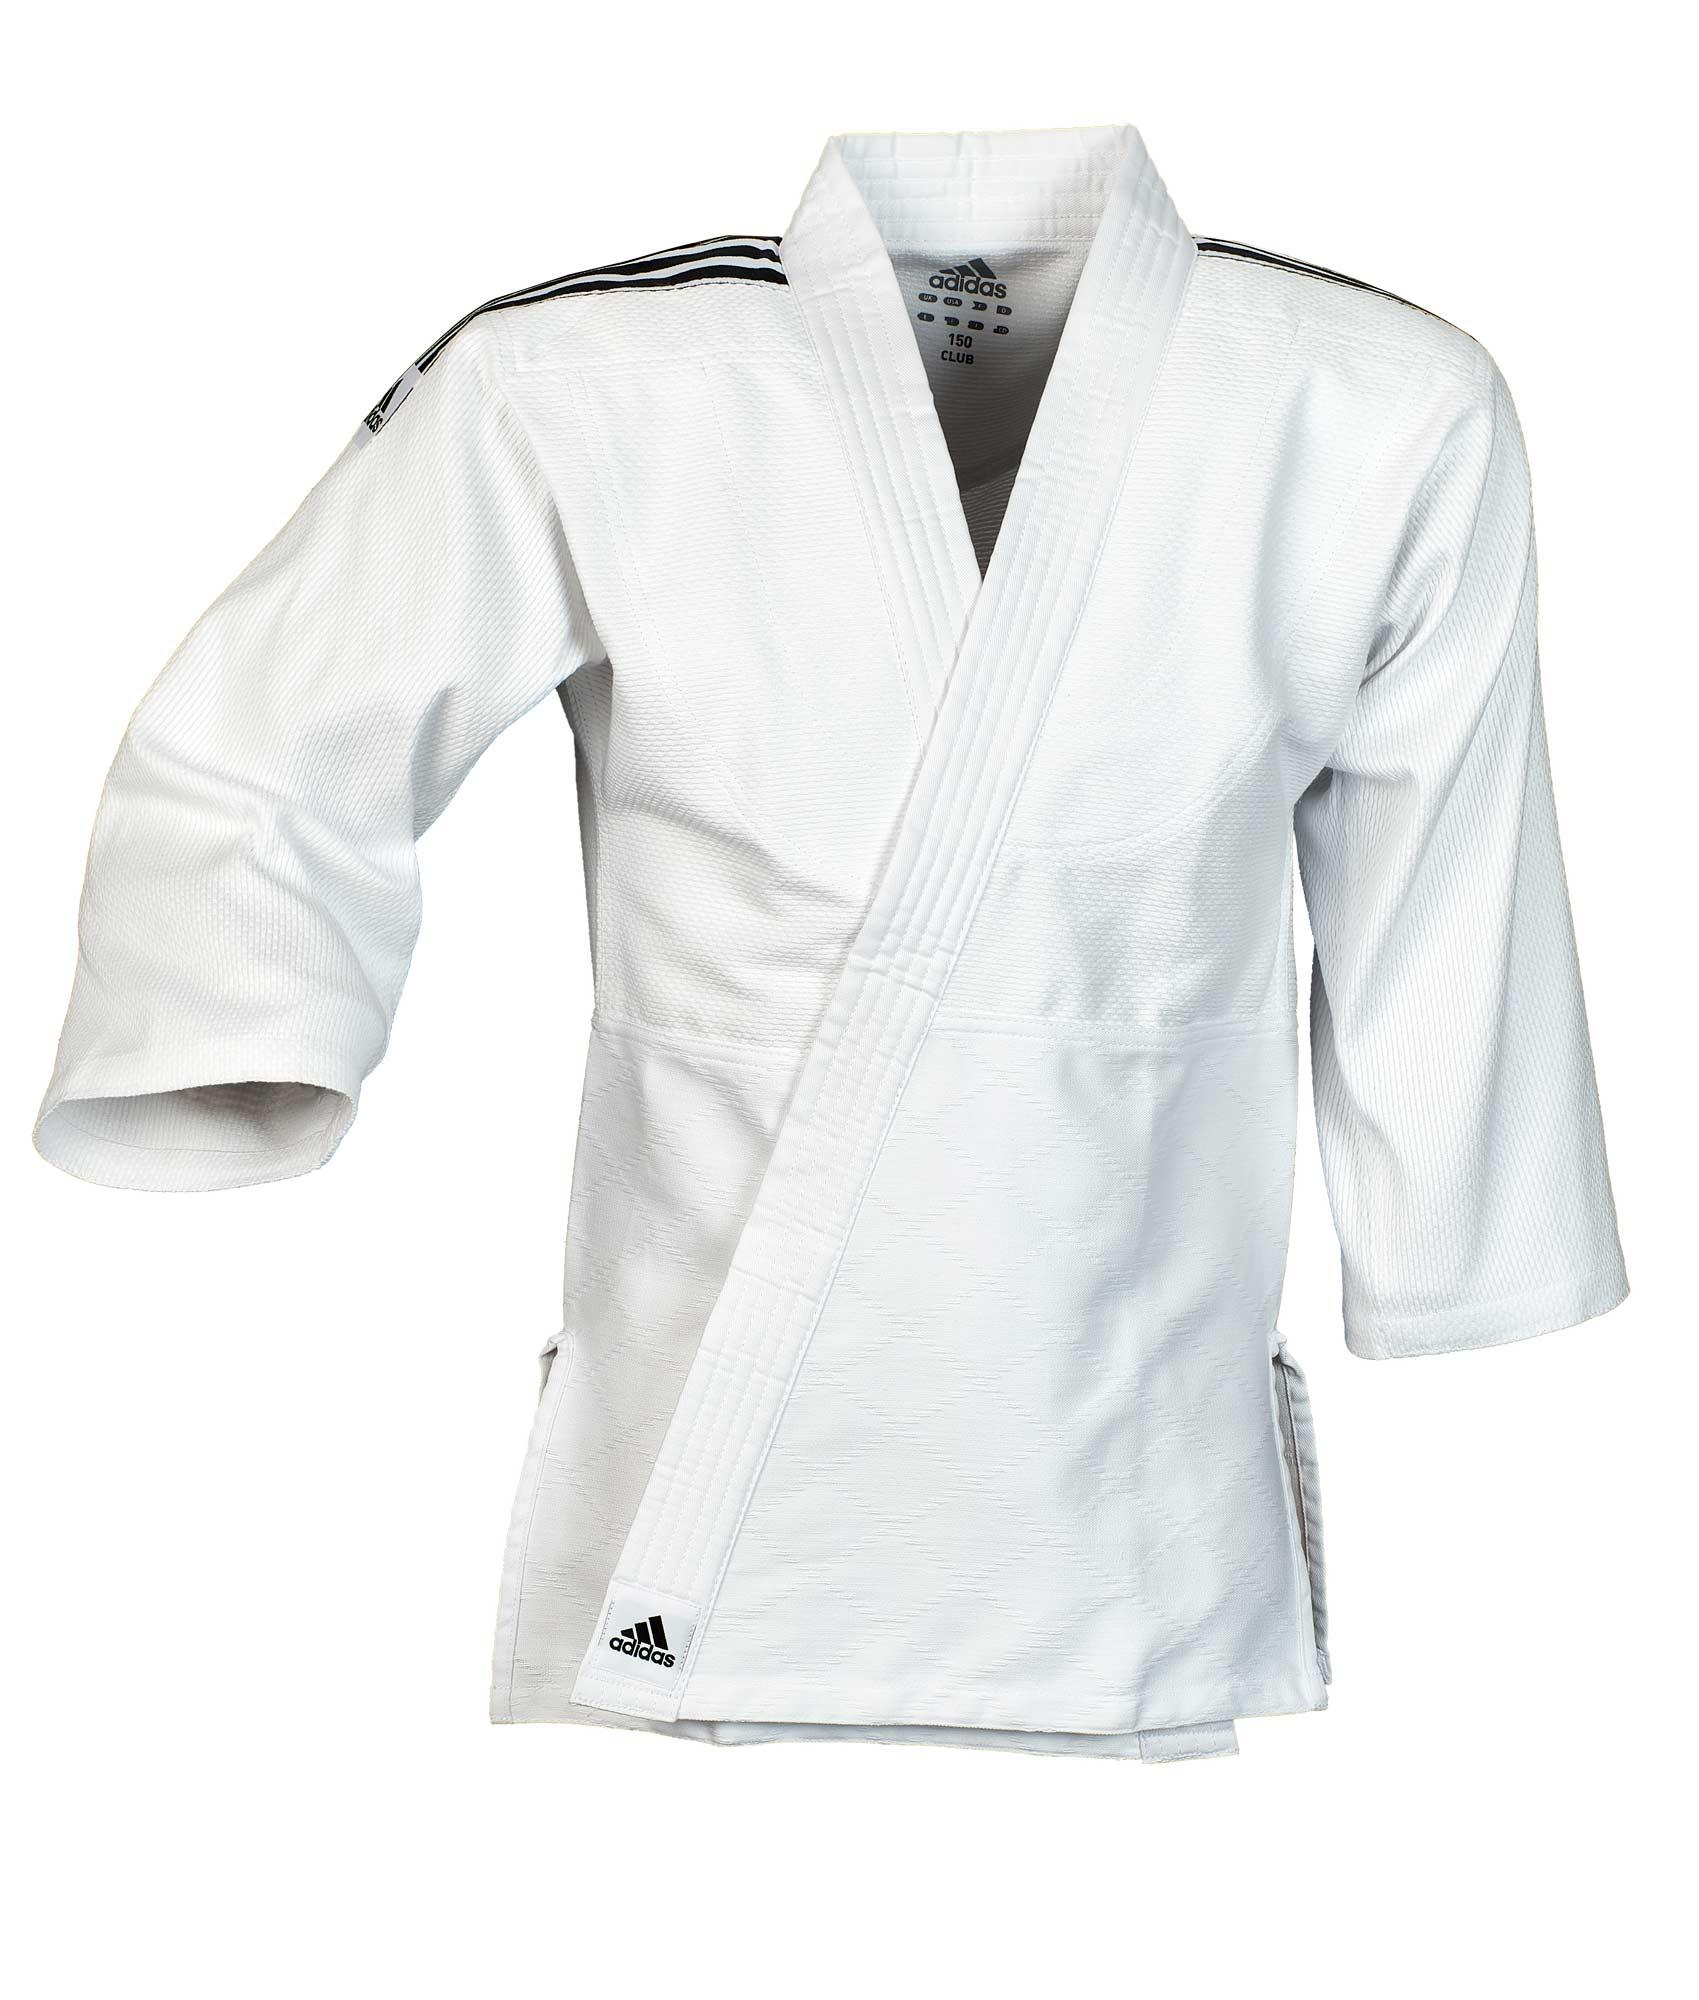 adidas schwarzer gürtel judo prüfung